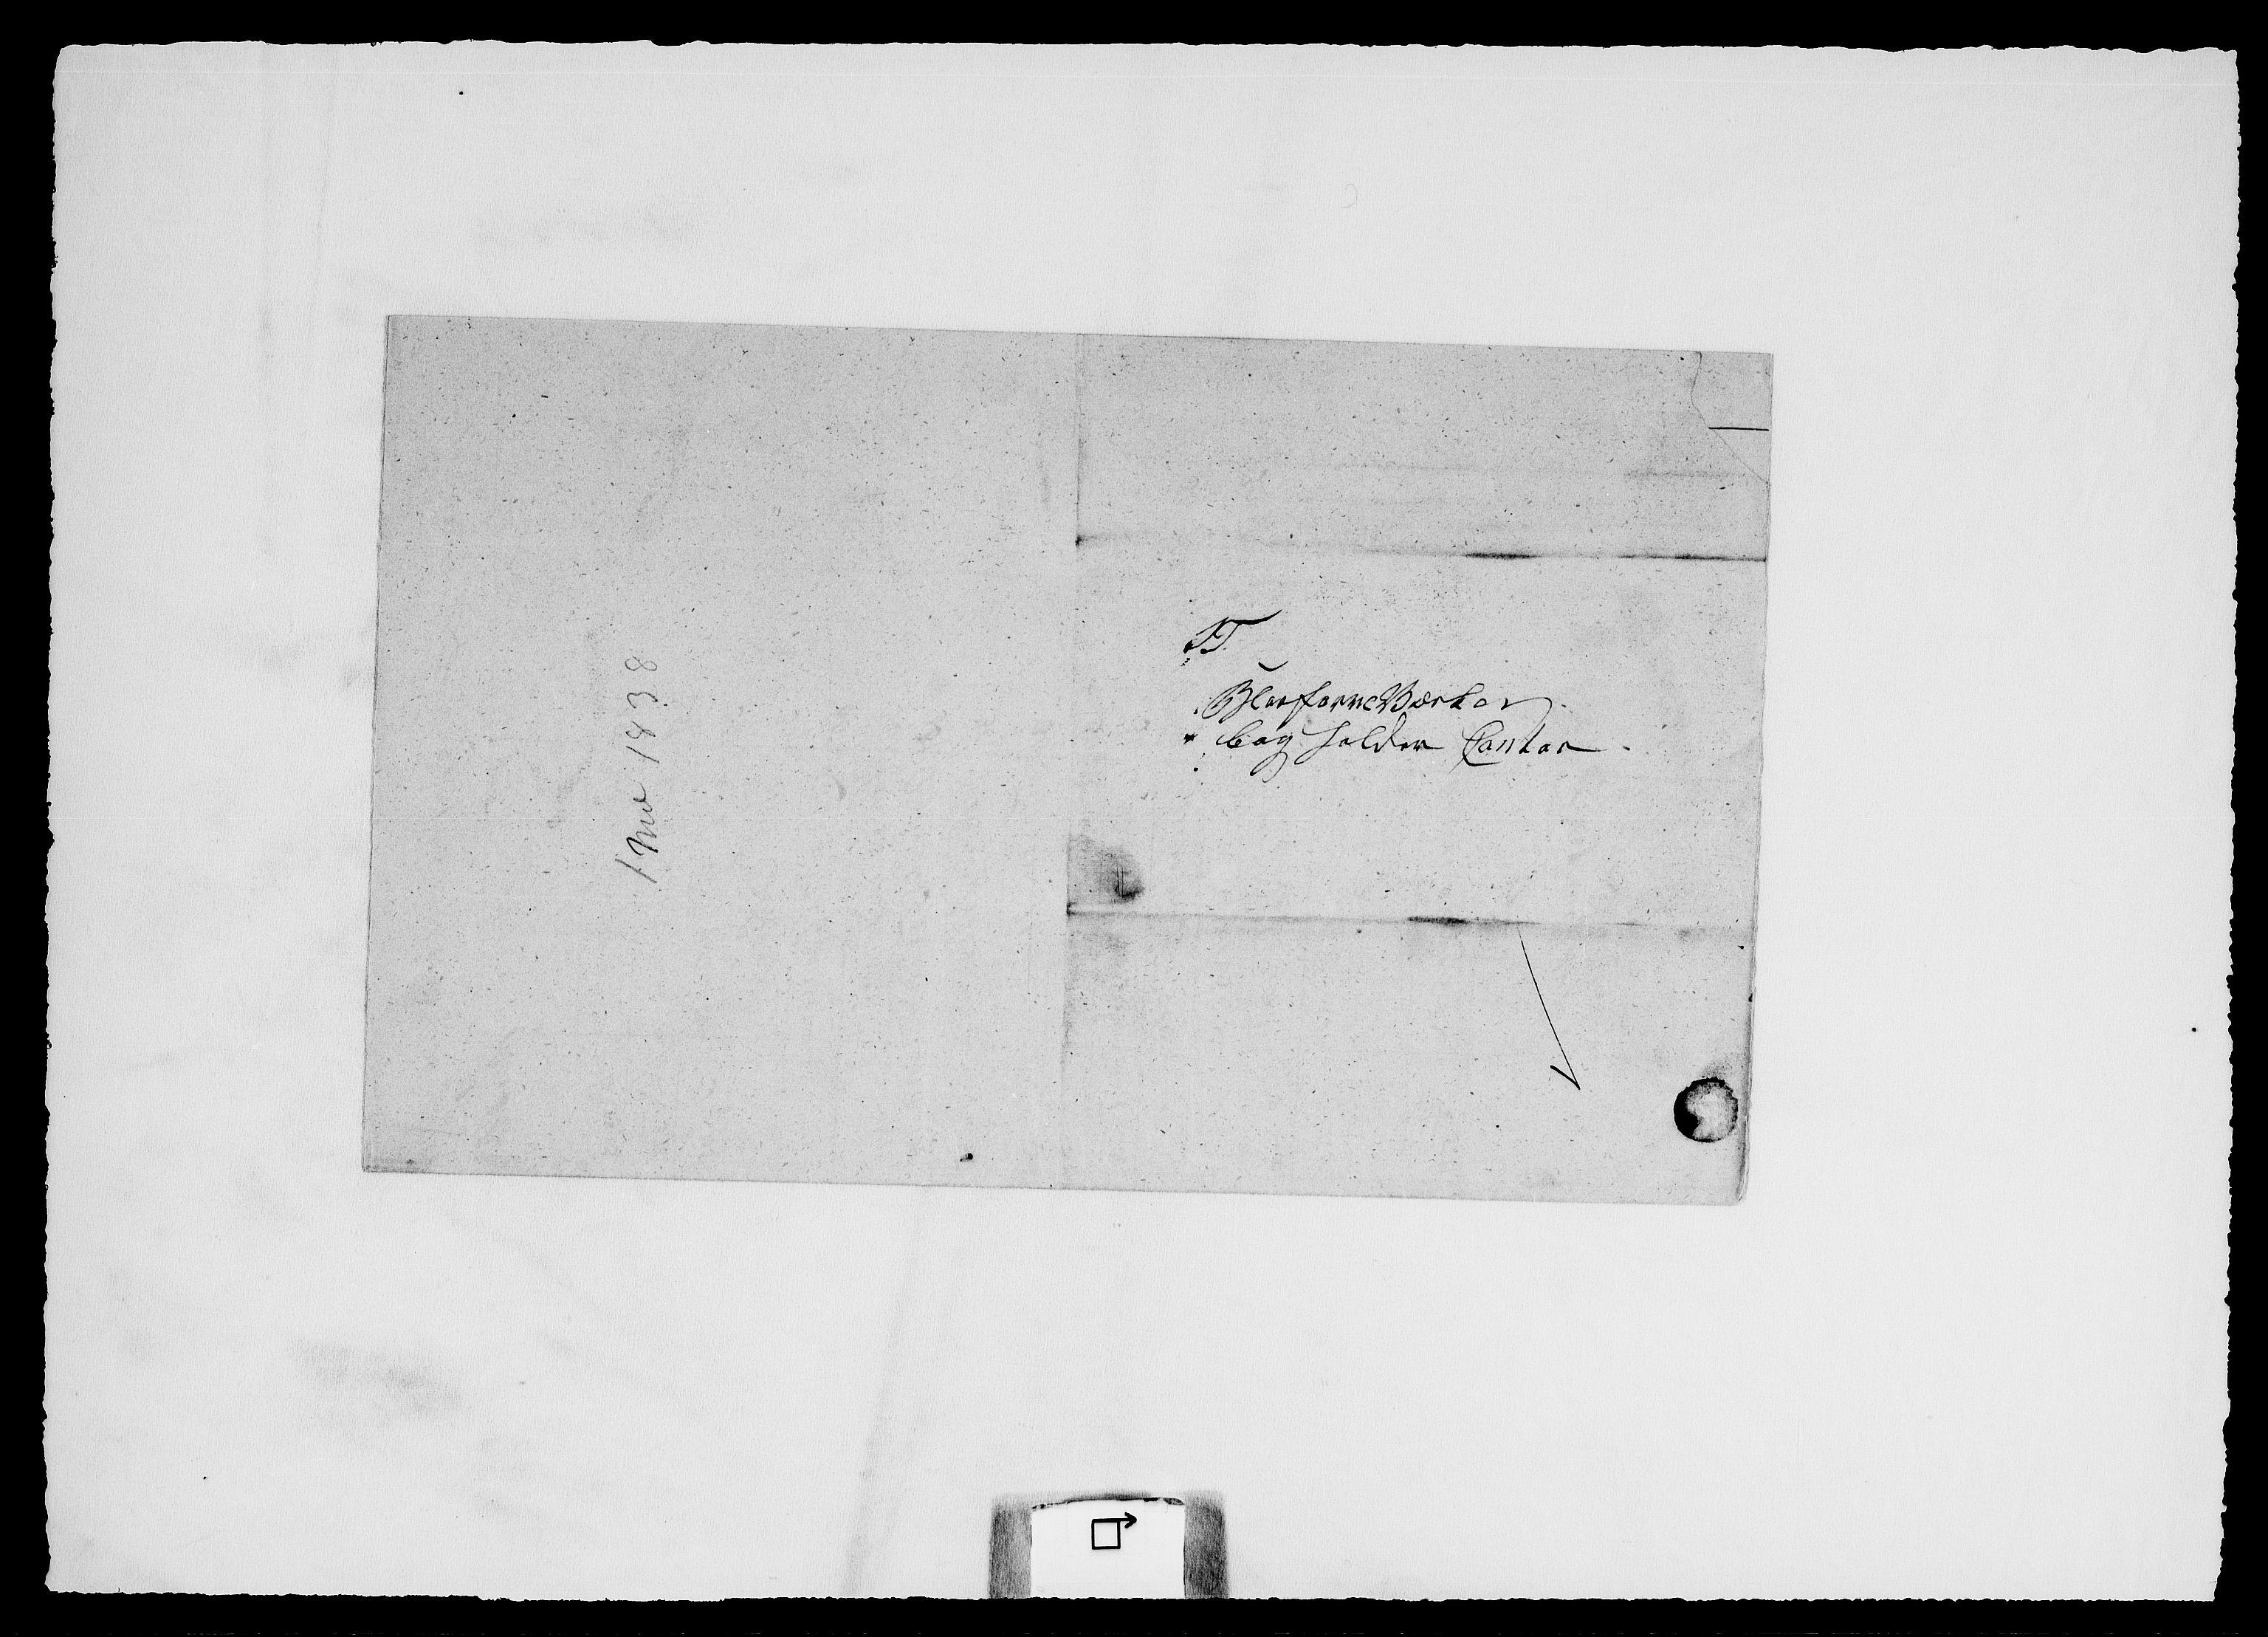 RA, Modums Blaafarveværk, G/Ge/L0360, 1838-1840, s. 2